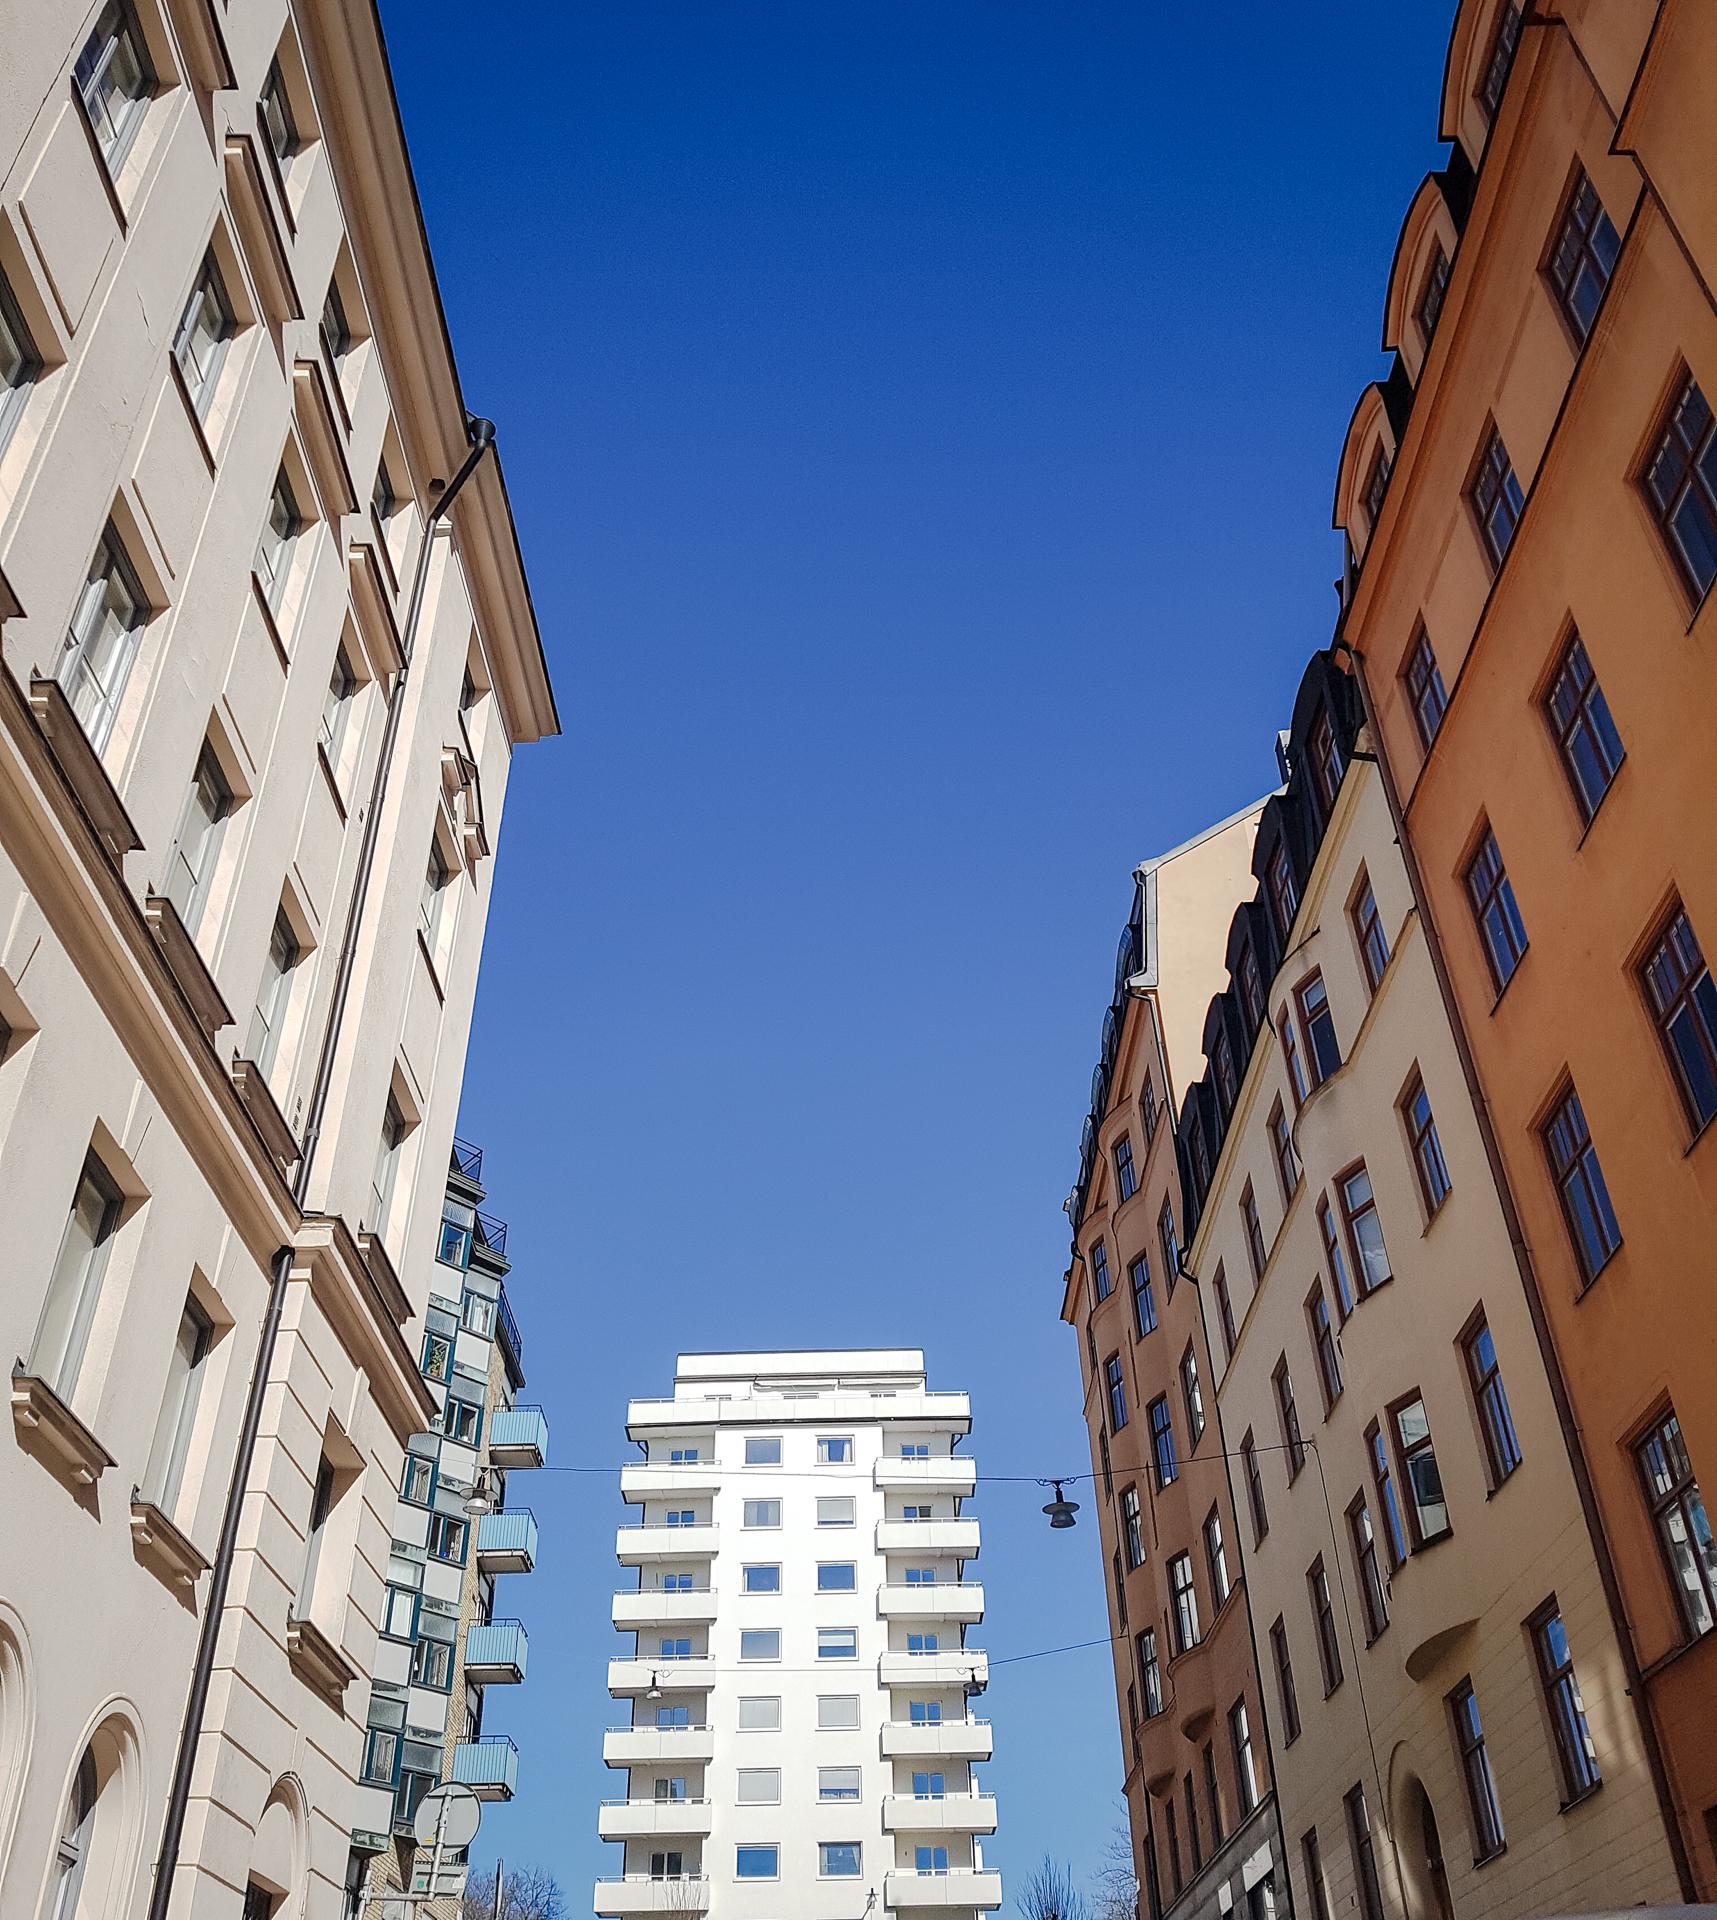 Bild på tre hus med många våningar